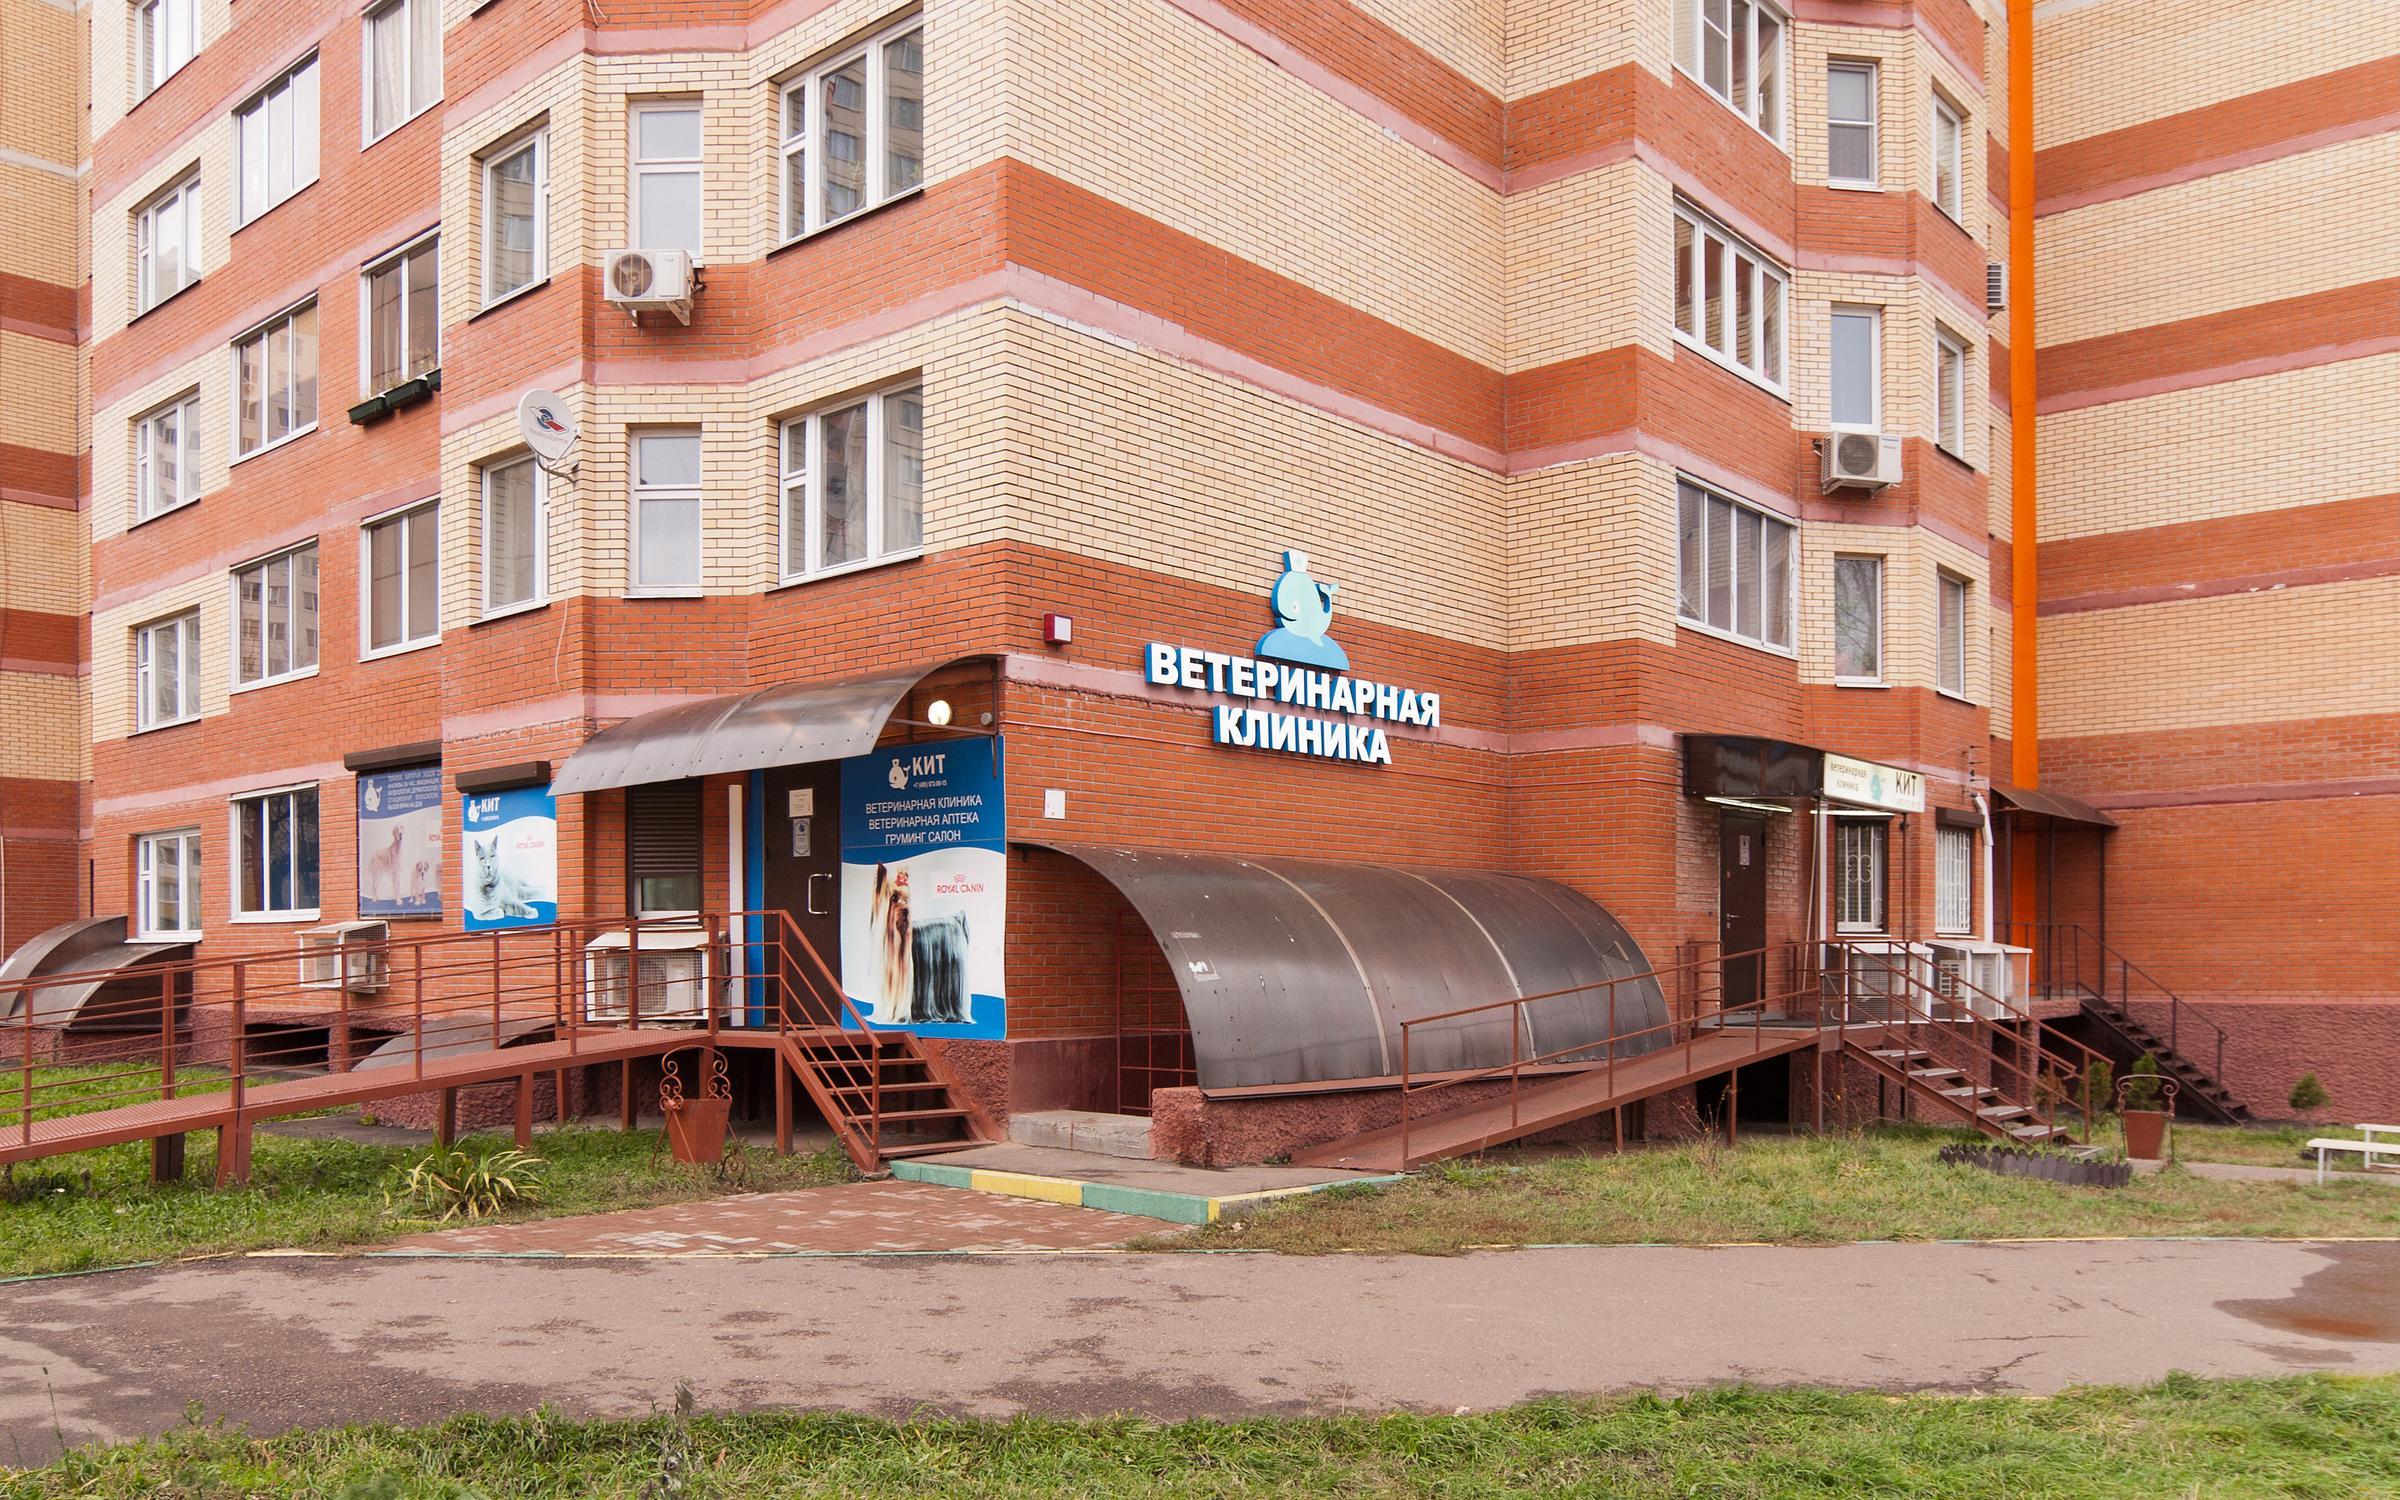 фотография Ветеринарной клиники КИТ в Больничном проезде в Химках